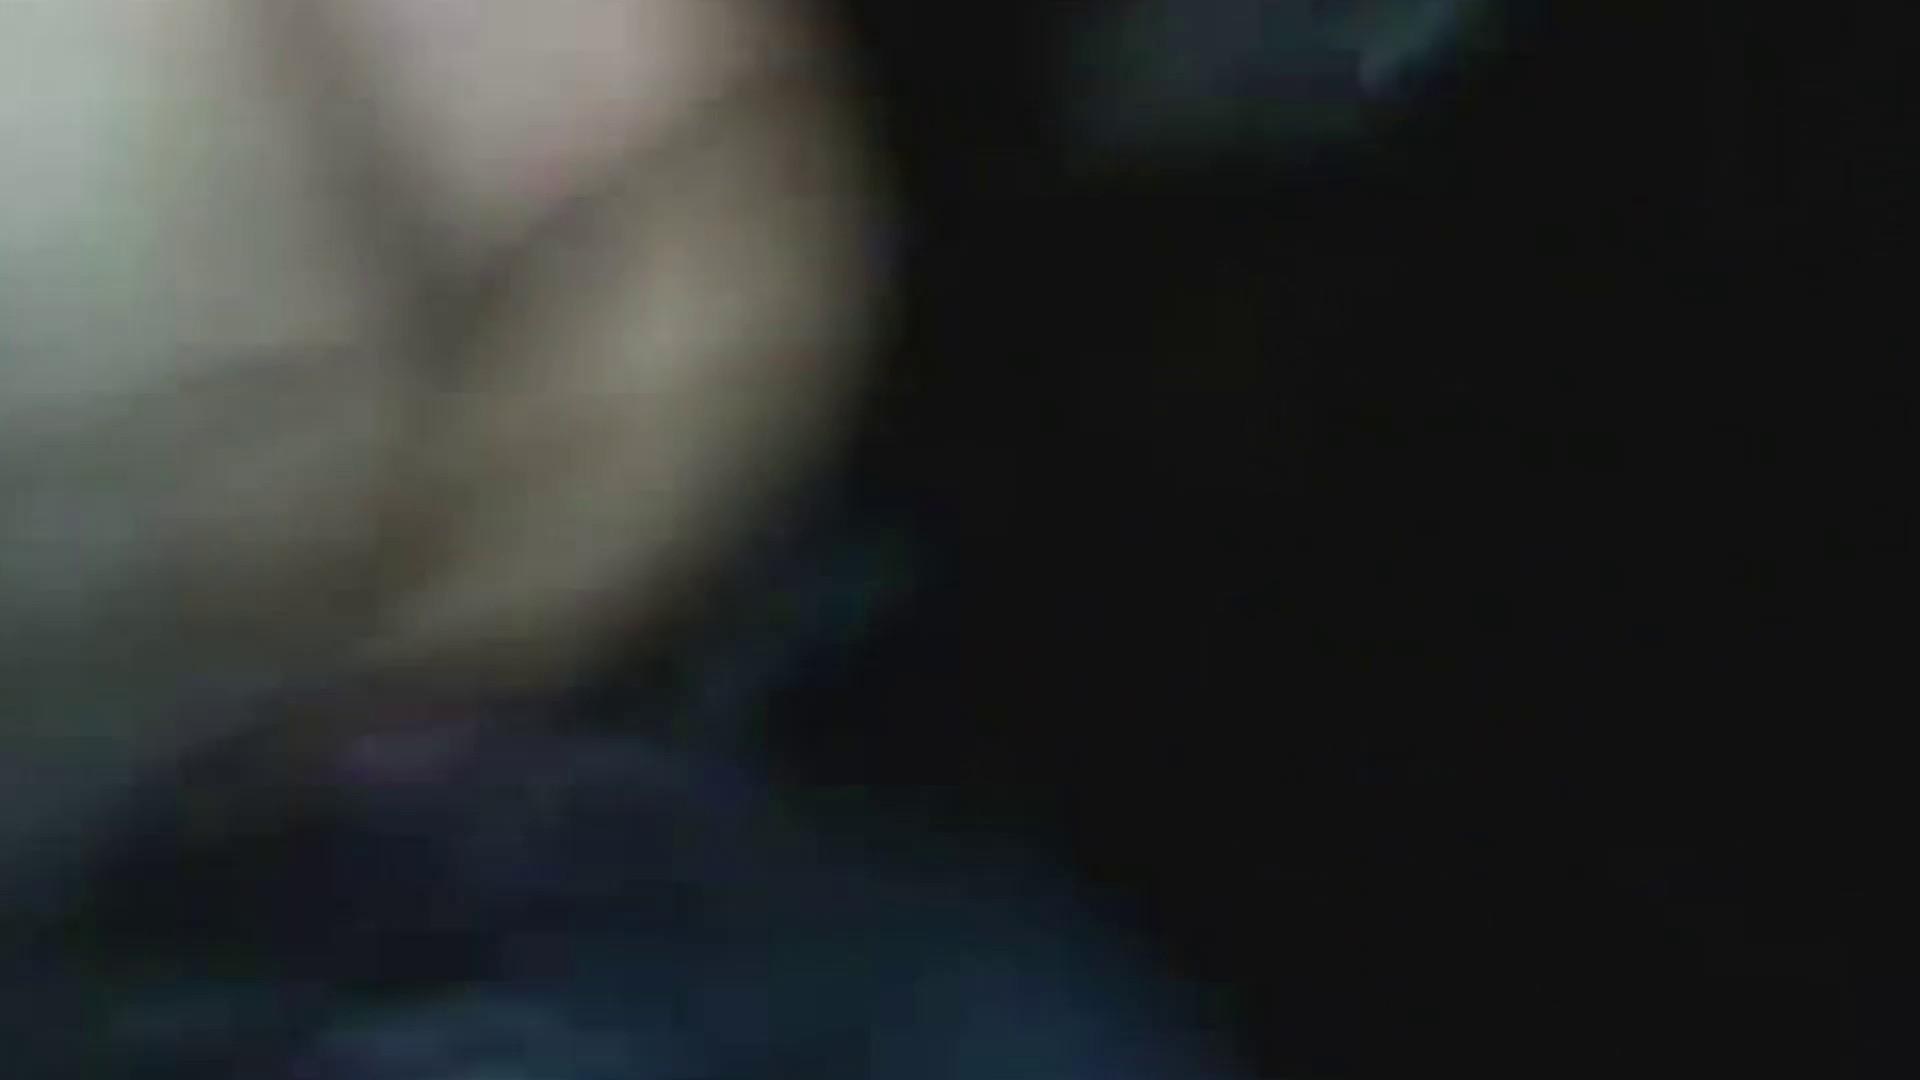 暗がりの細マッチョオナニー マッチョボディ   イケメンパラダイス 亀頭もろ画像 109pic 17